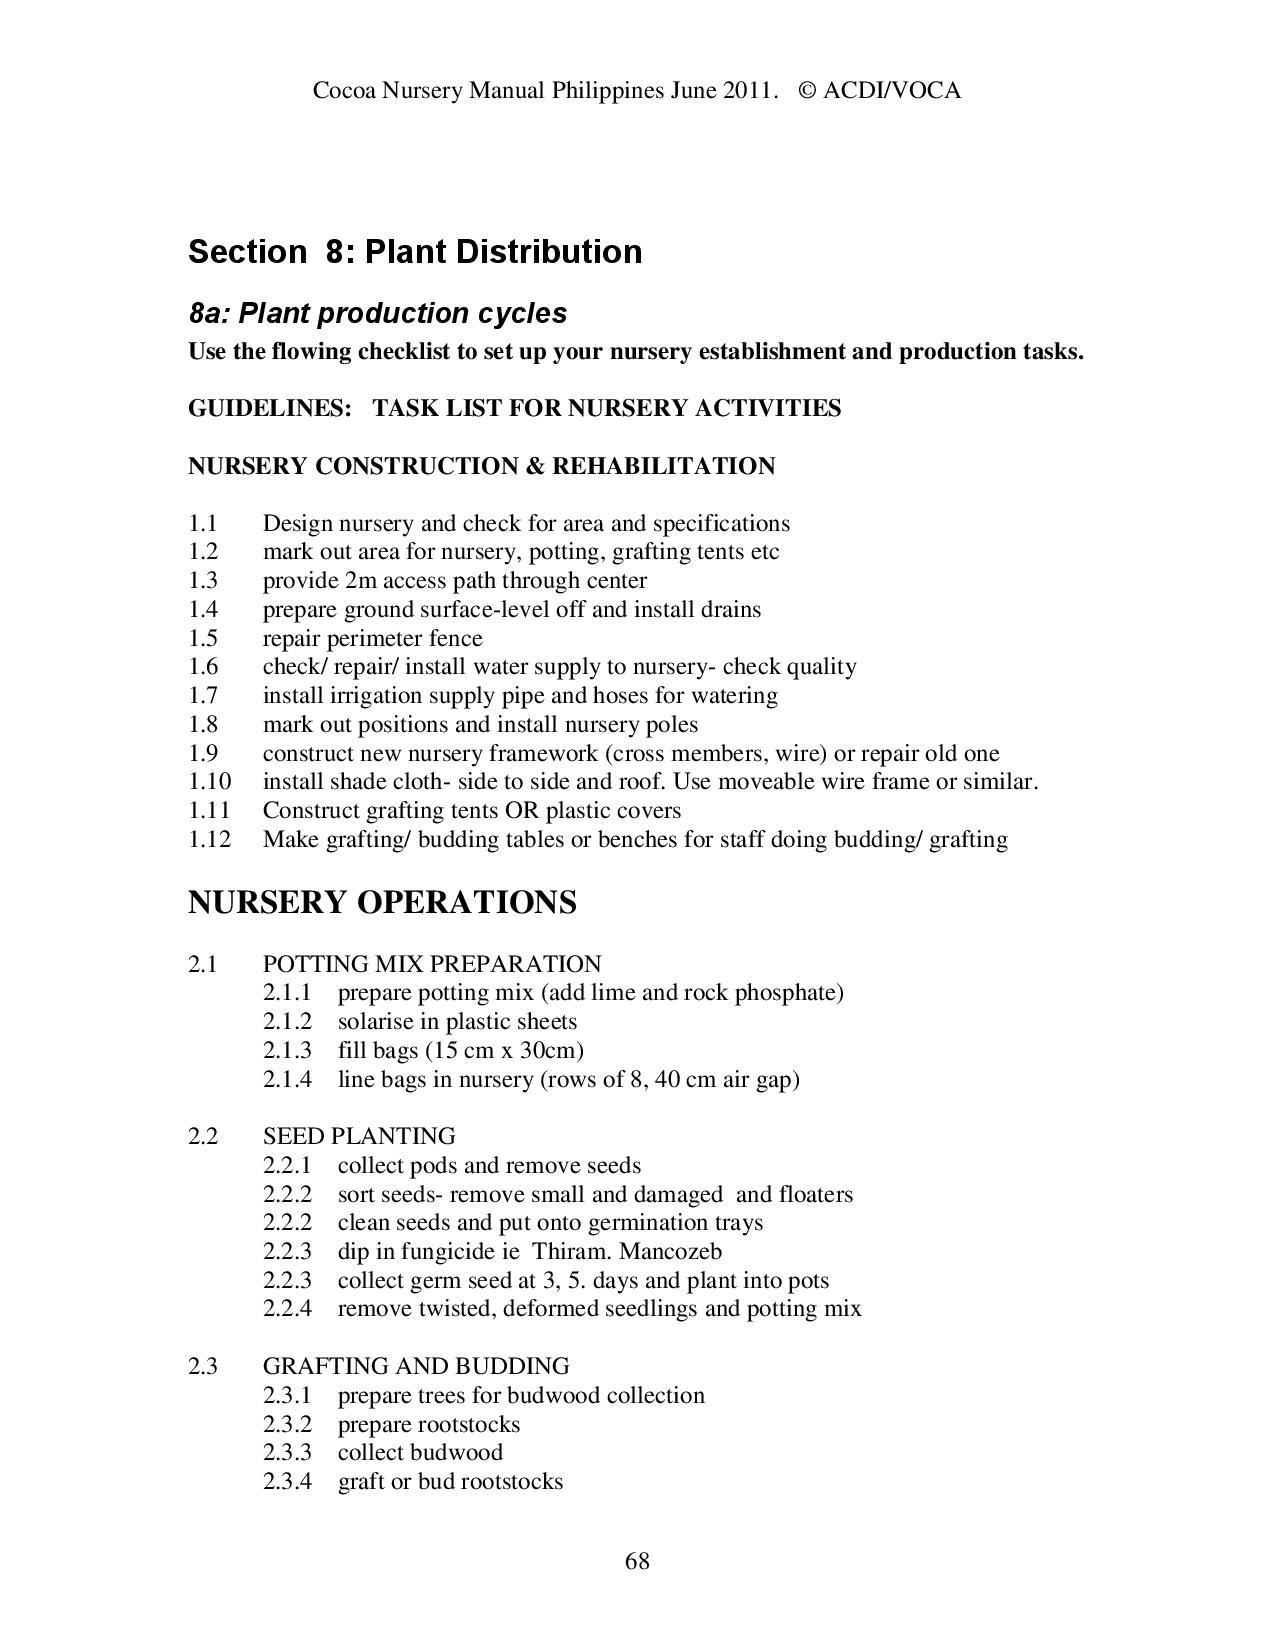 Cocoa-Nursery-Manual-2011_acdi-voca-page-068